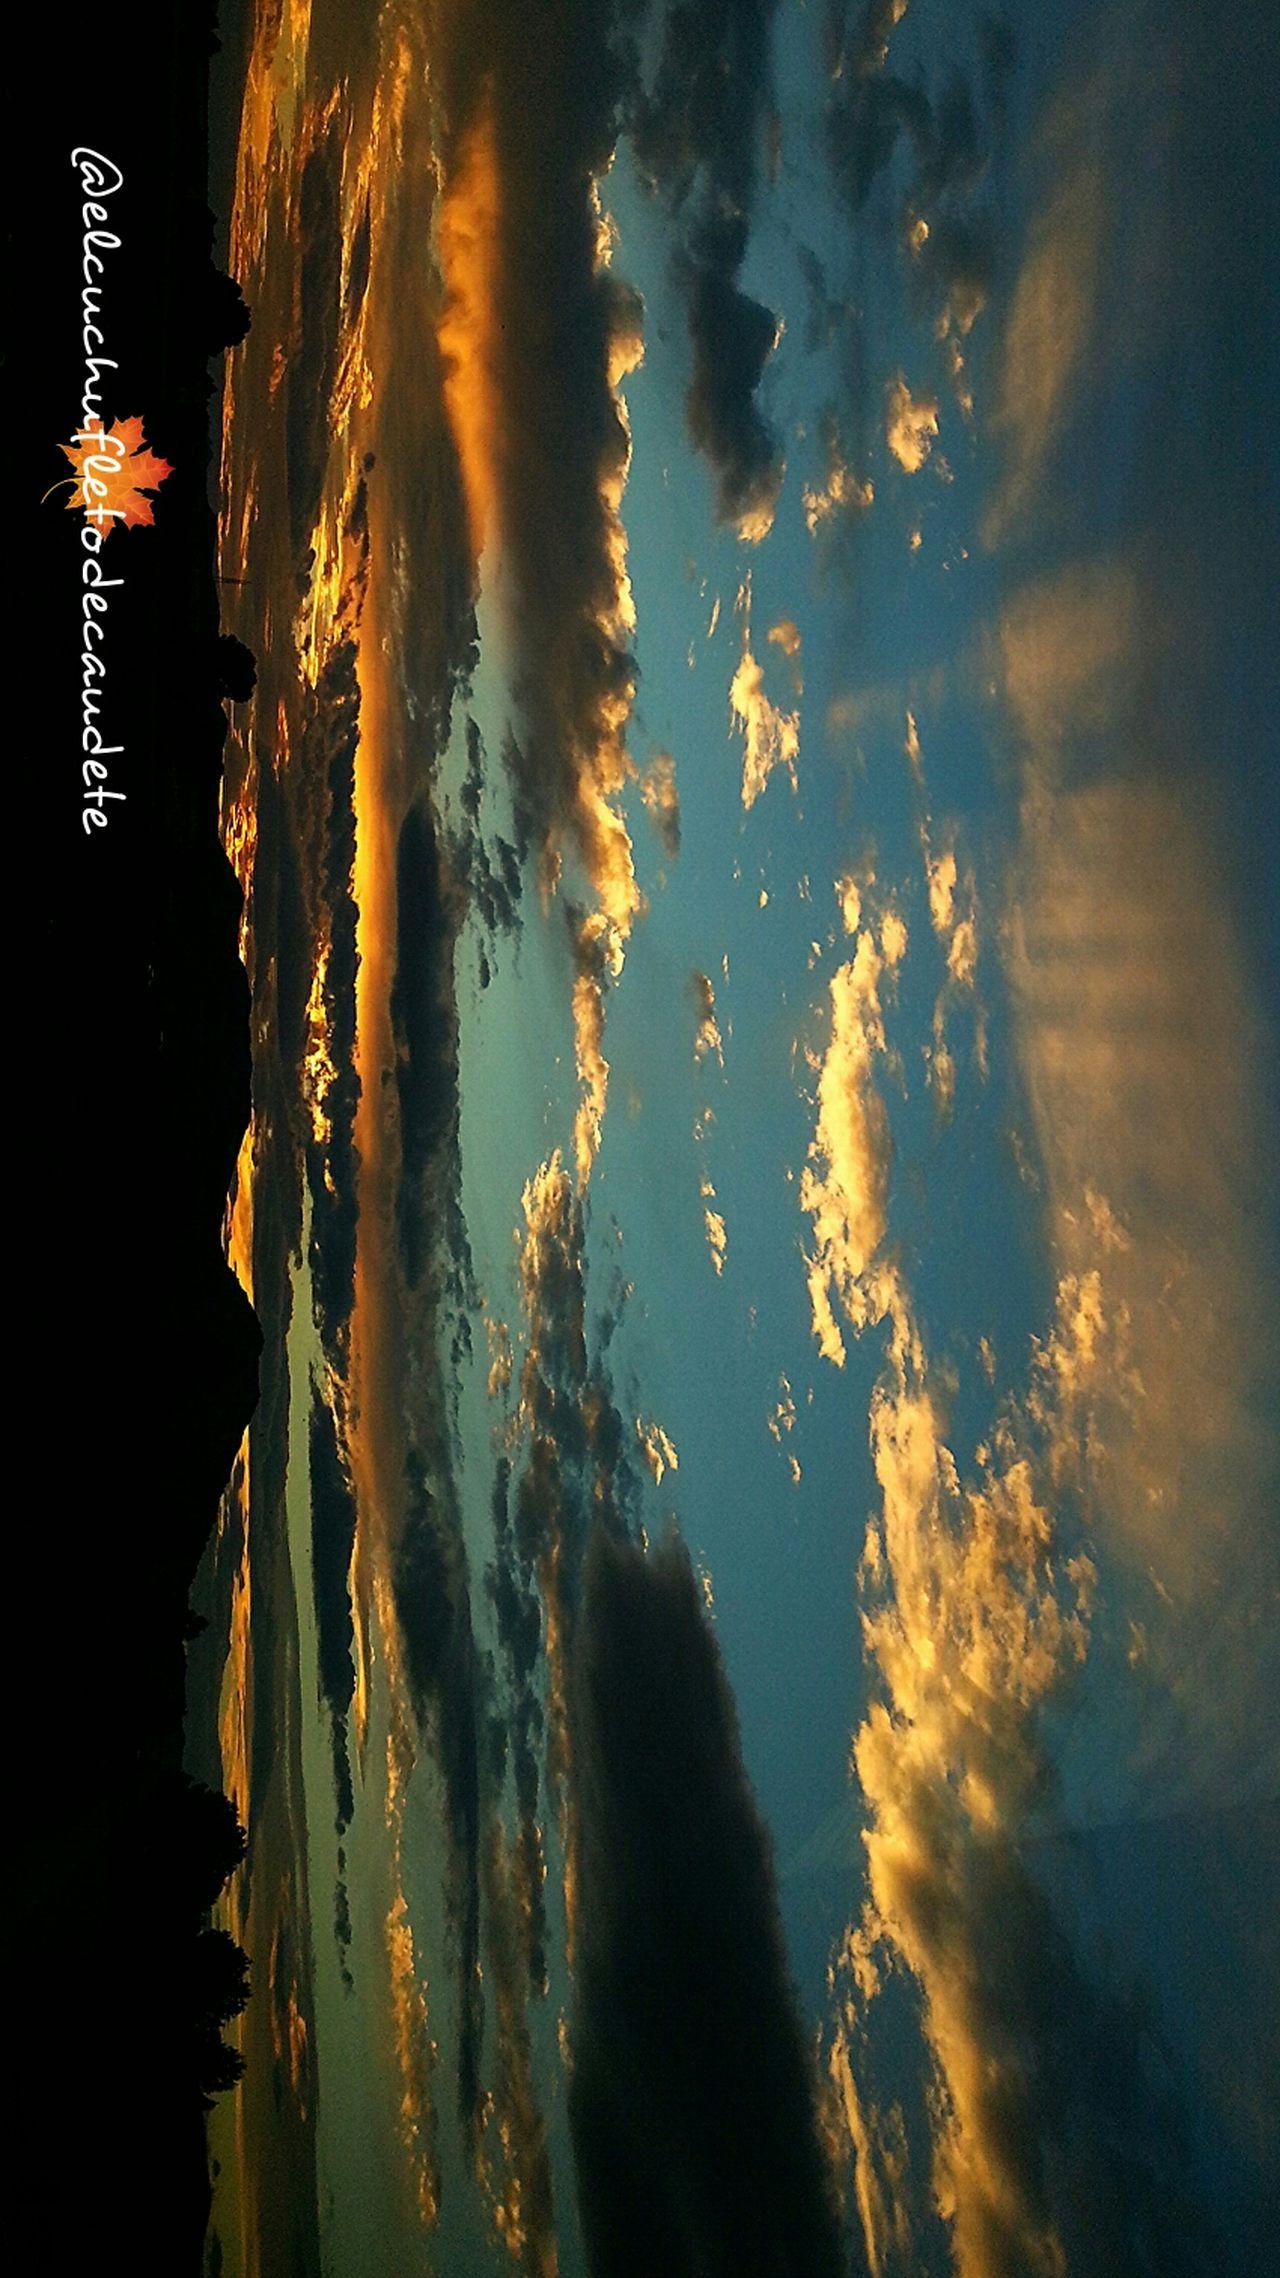 EyeEm Nature Lover Sueño De Una Noche De Verano La Mancha No Edit